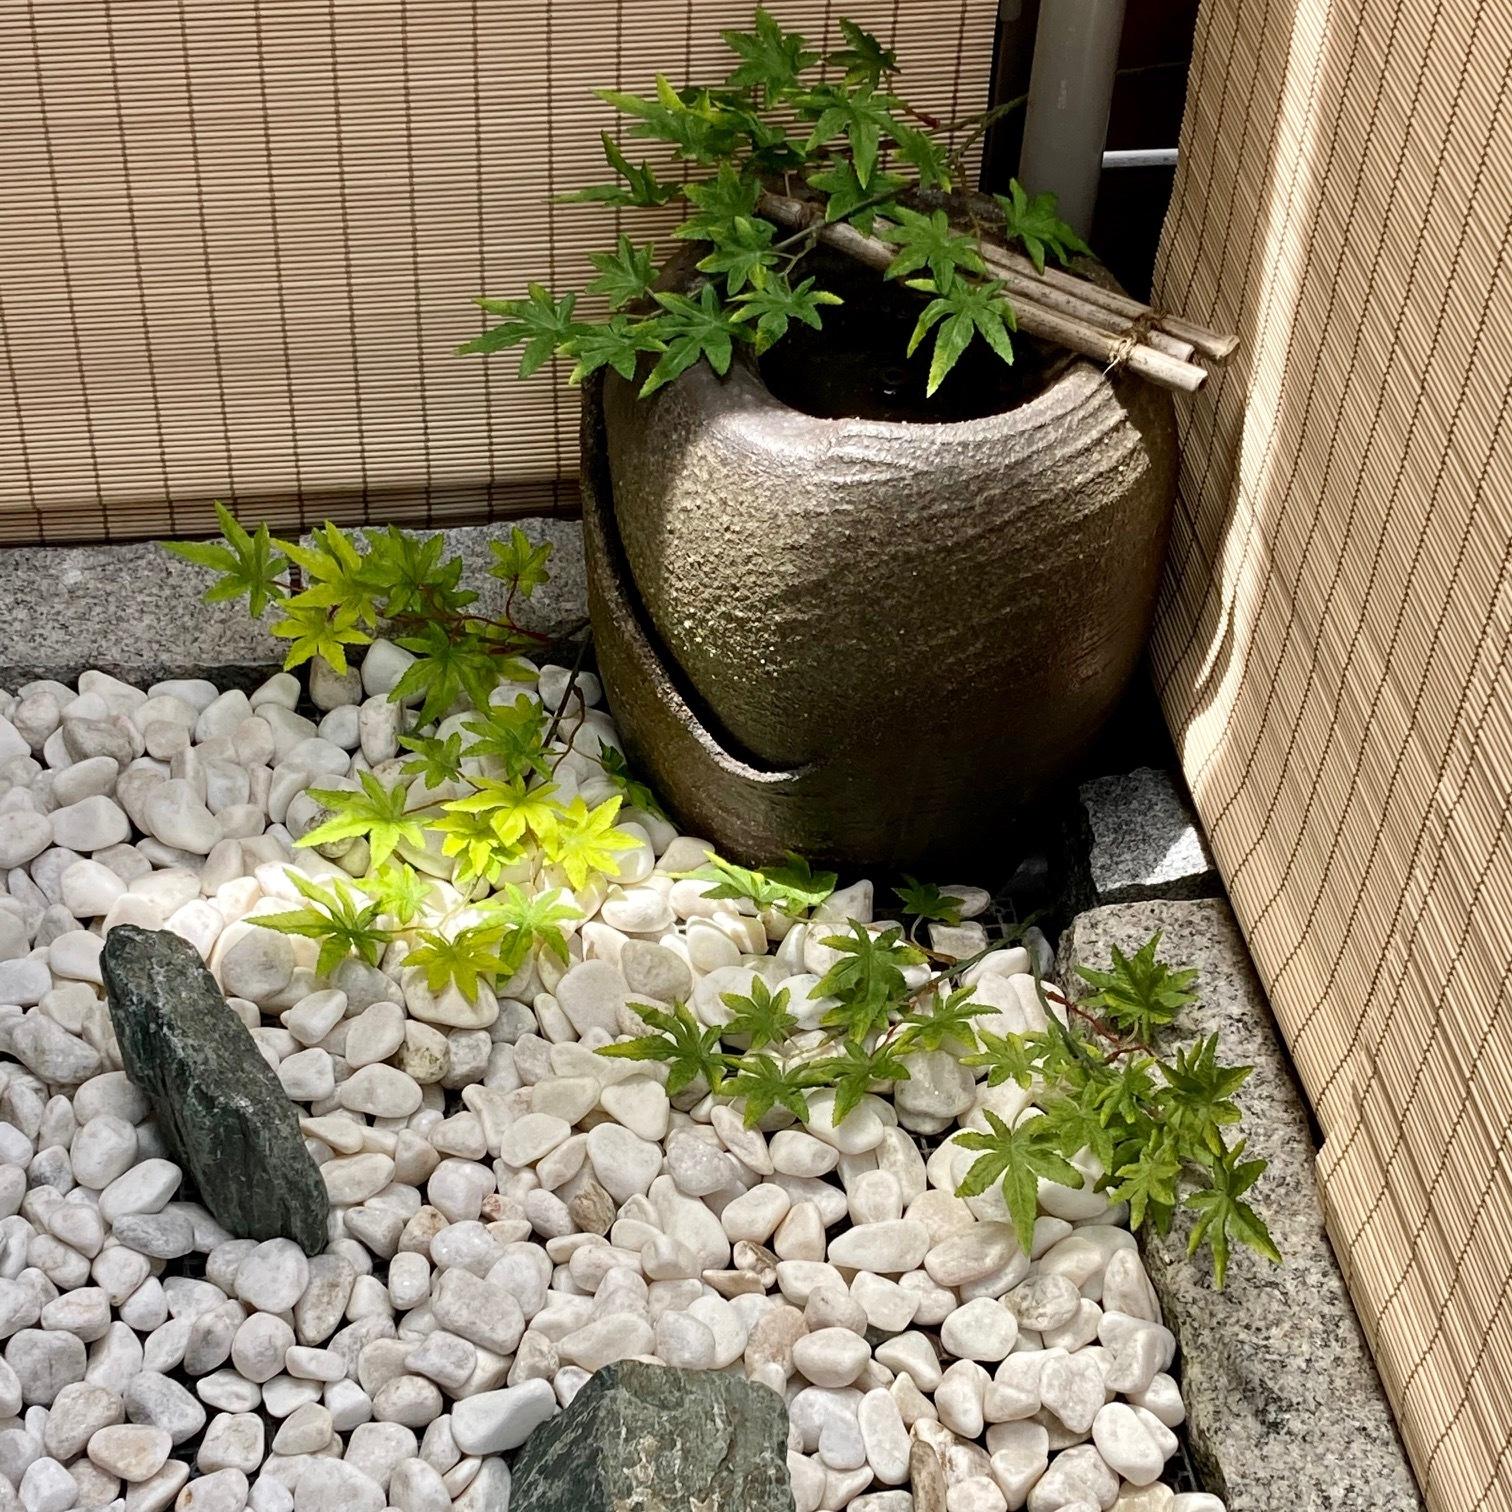 玉砂利を敷いた水琴窟とグリーンのある坪庭